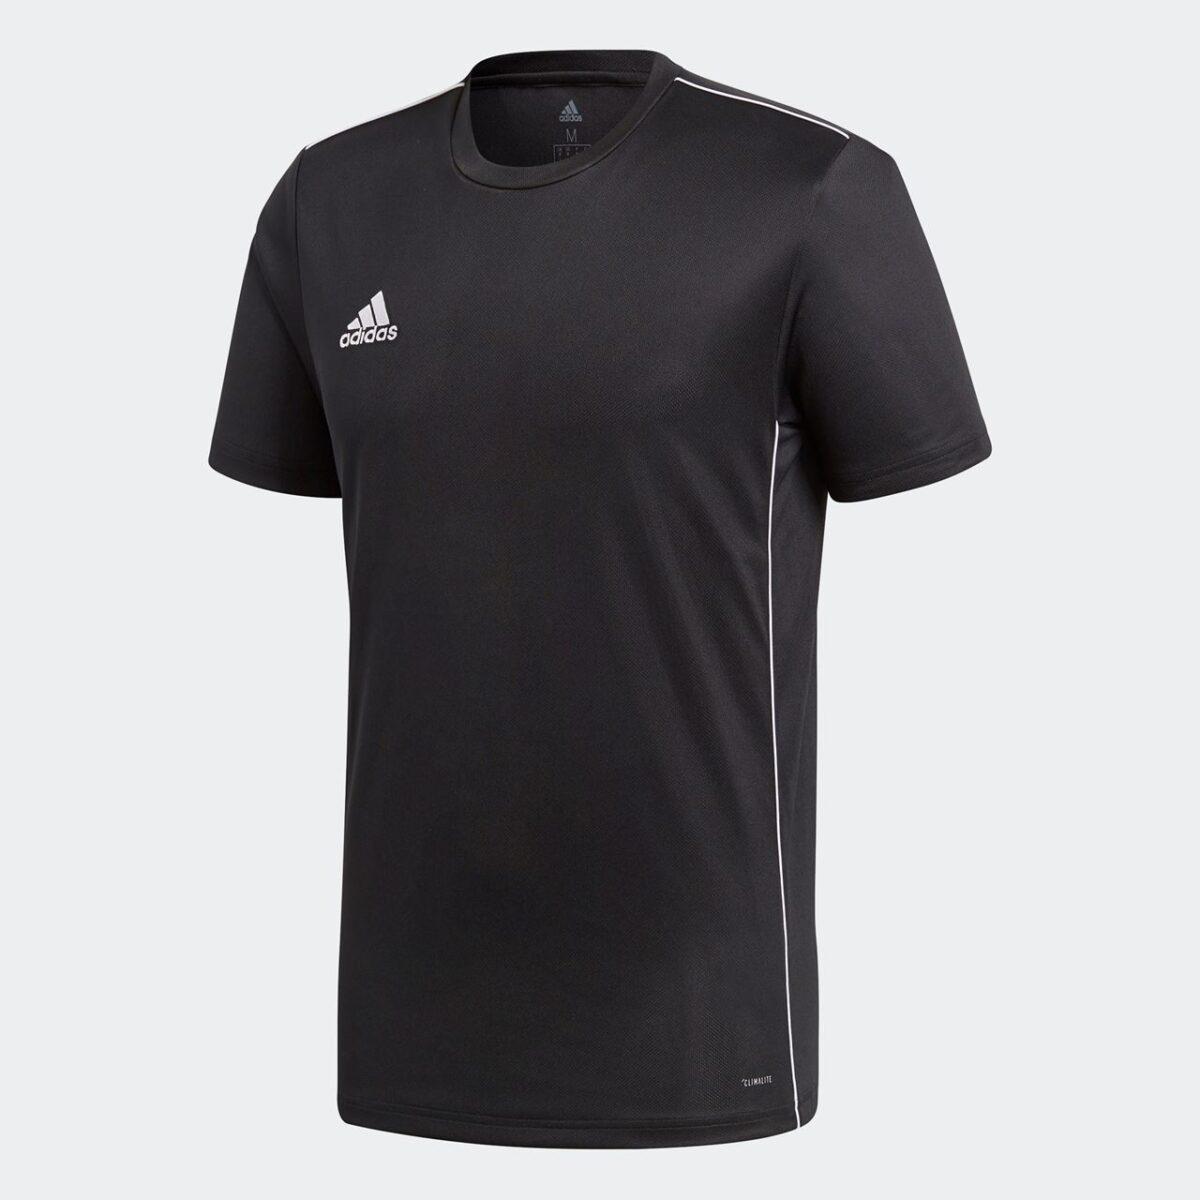 Adidas Core 18 Shirts Adult